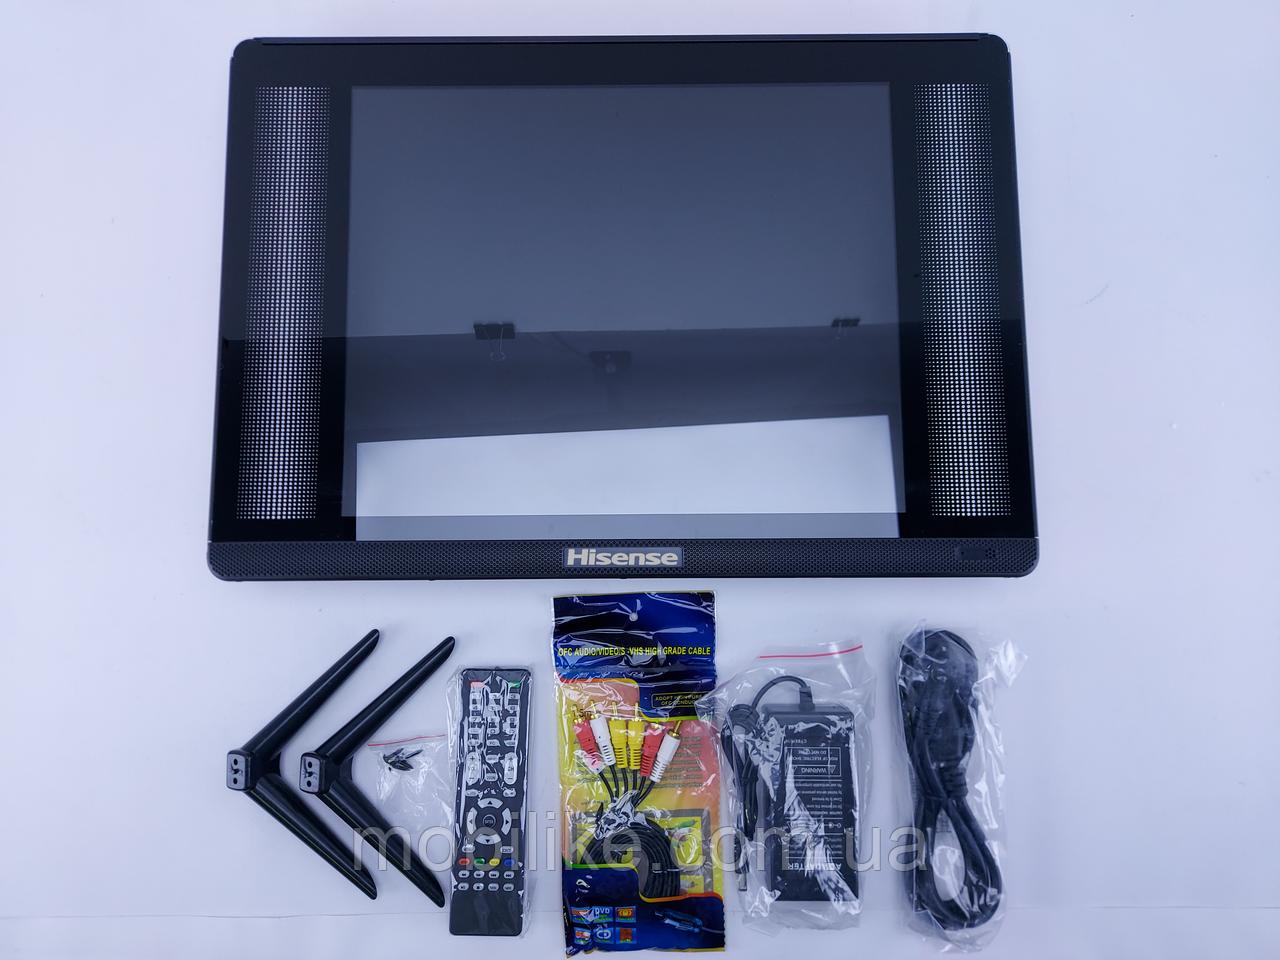 """Современный Телевизор Hisense 15"""" HD-Ready/DVB-T2/USB (1366x768)"""